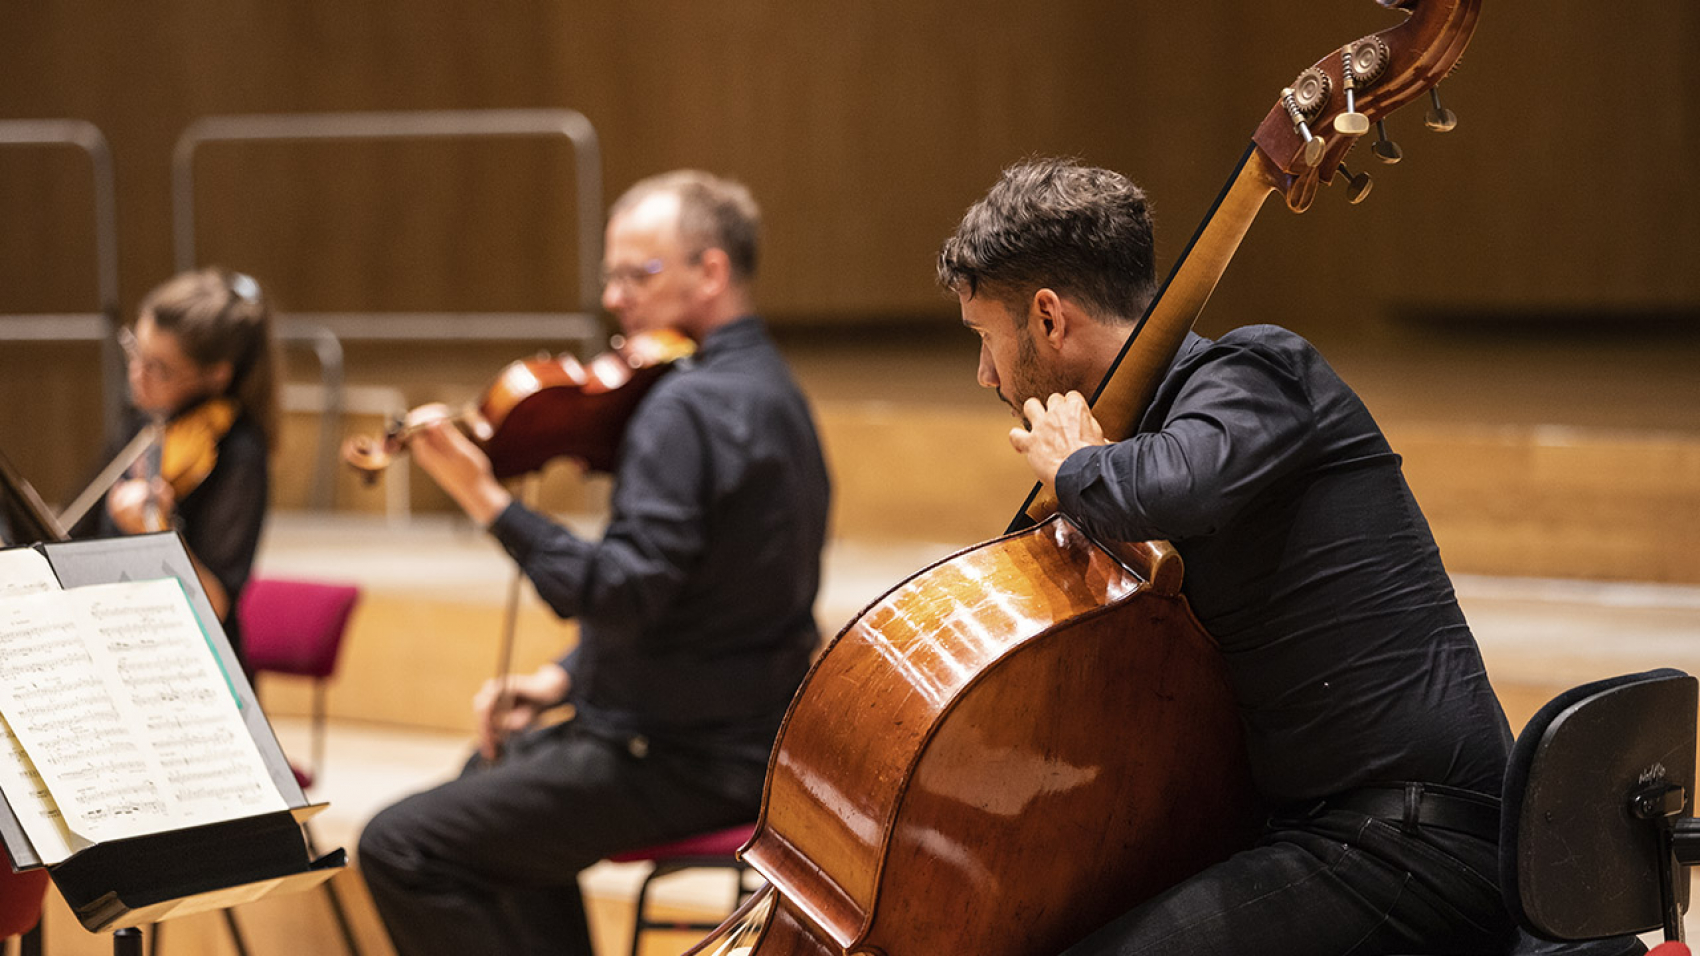 Koepel concert: double bass